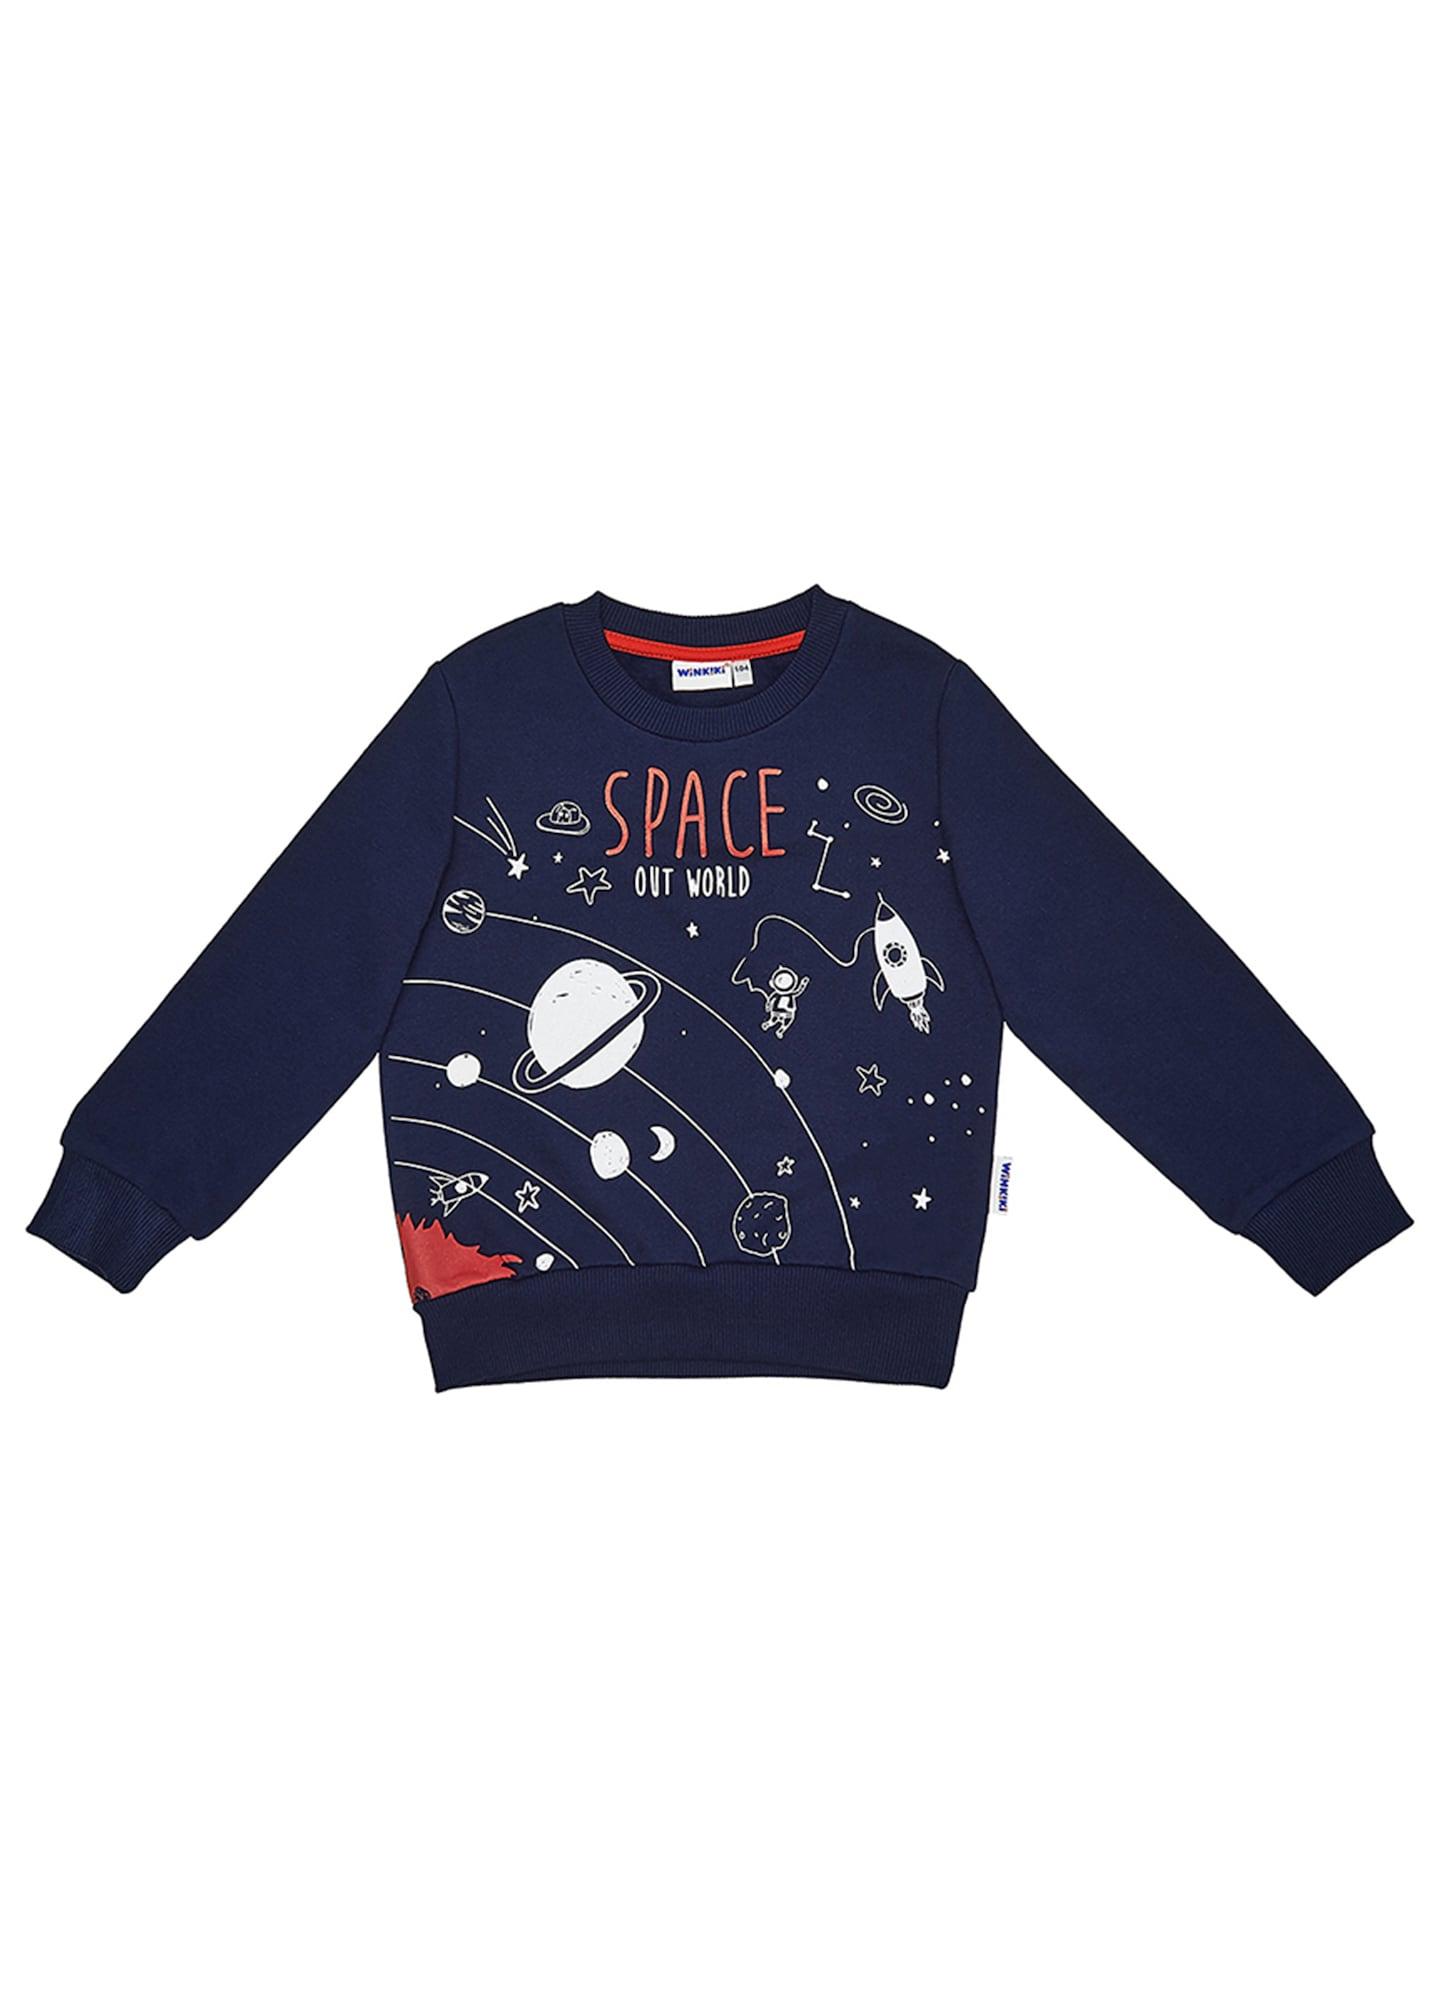 Jungen,  Kinder,  Kinder WINKIKI Sweatshirt blau,  rot,  weiß, schwarz | 08595687105008